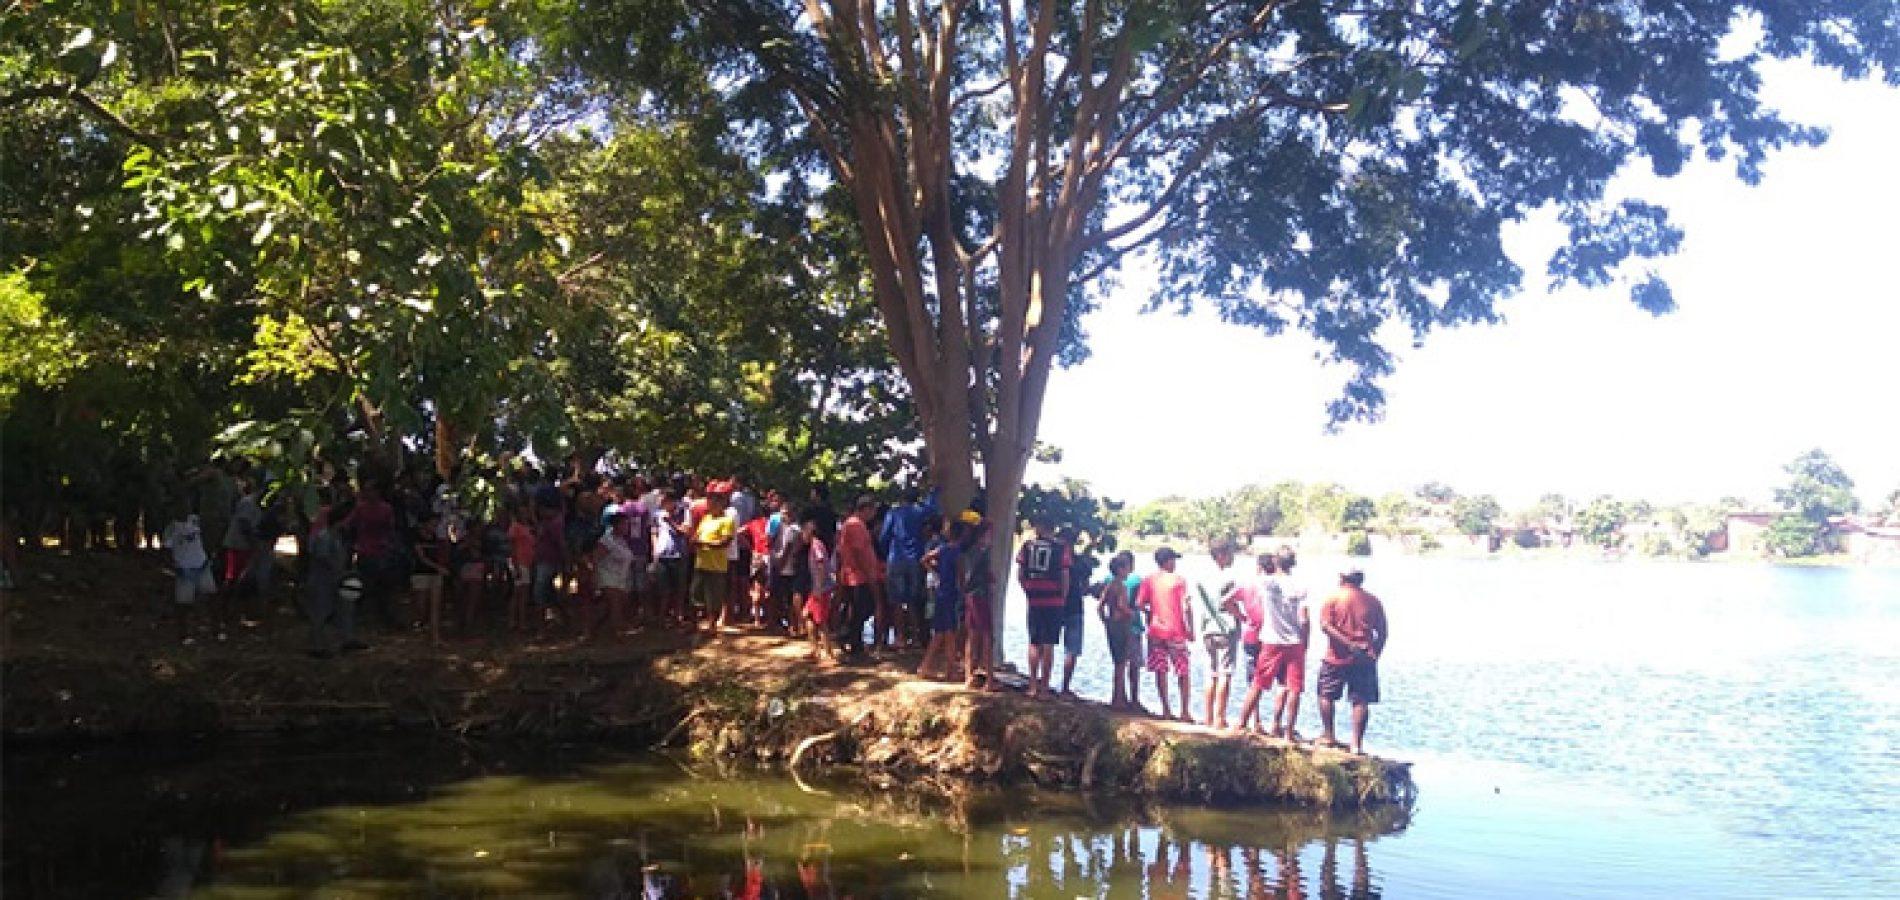 Adolescente de 12 anos é executado e corpo encontrado dentro de lagoa no Piauí